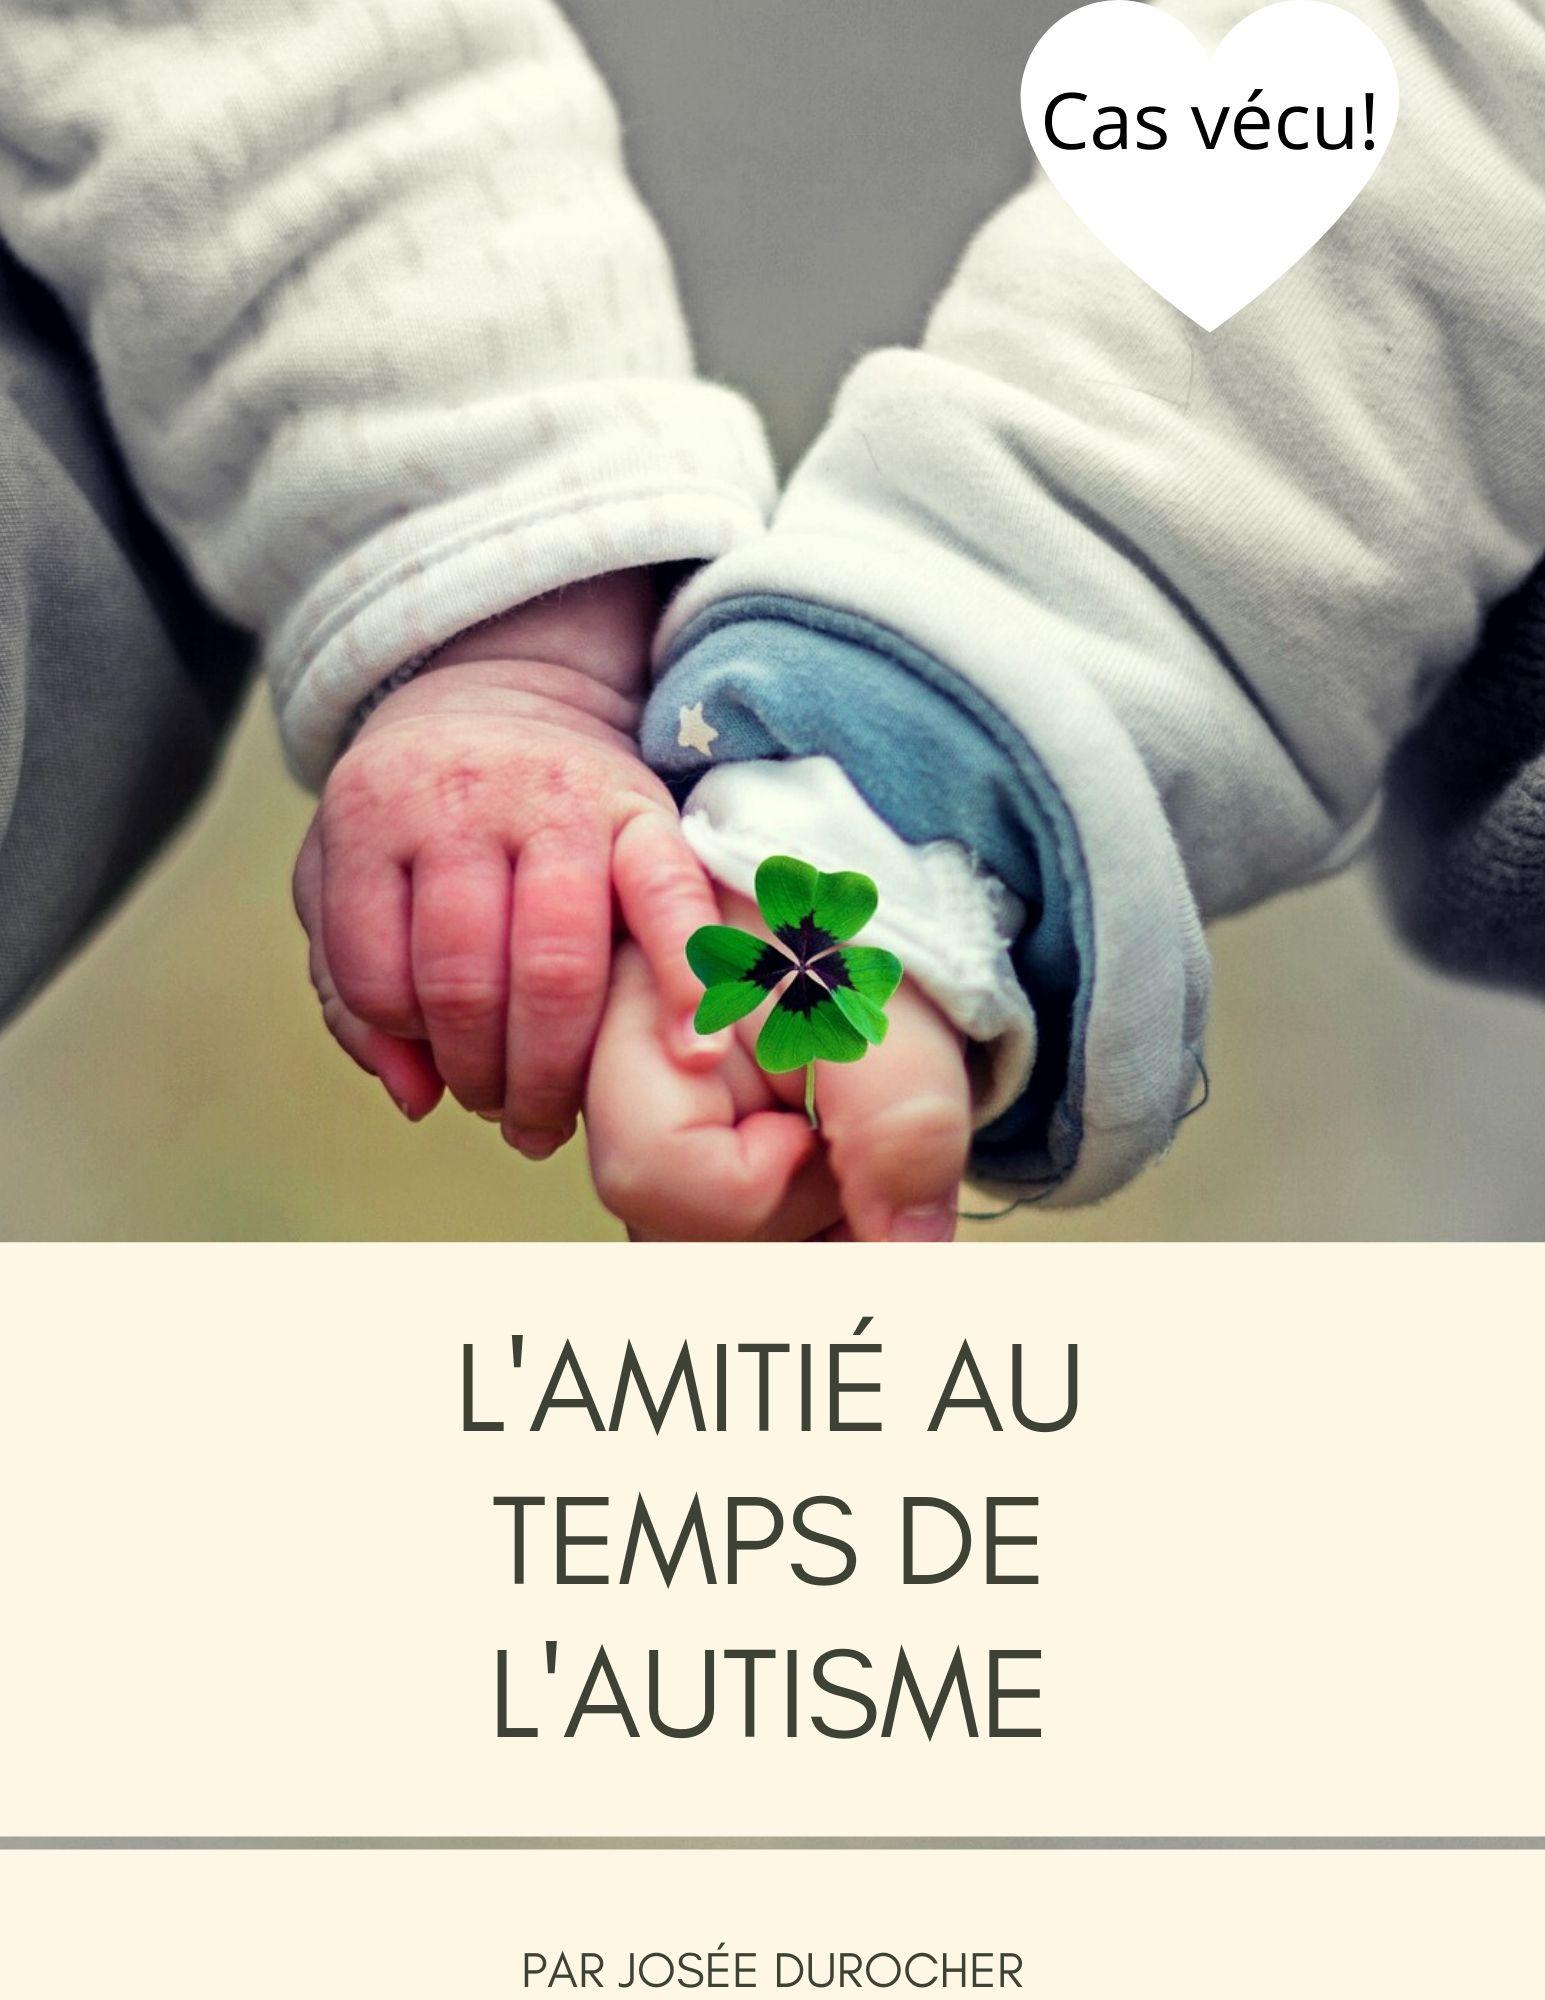 Copy of L'amitié au temps de l'autisme